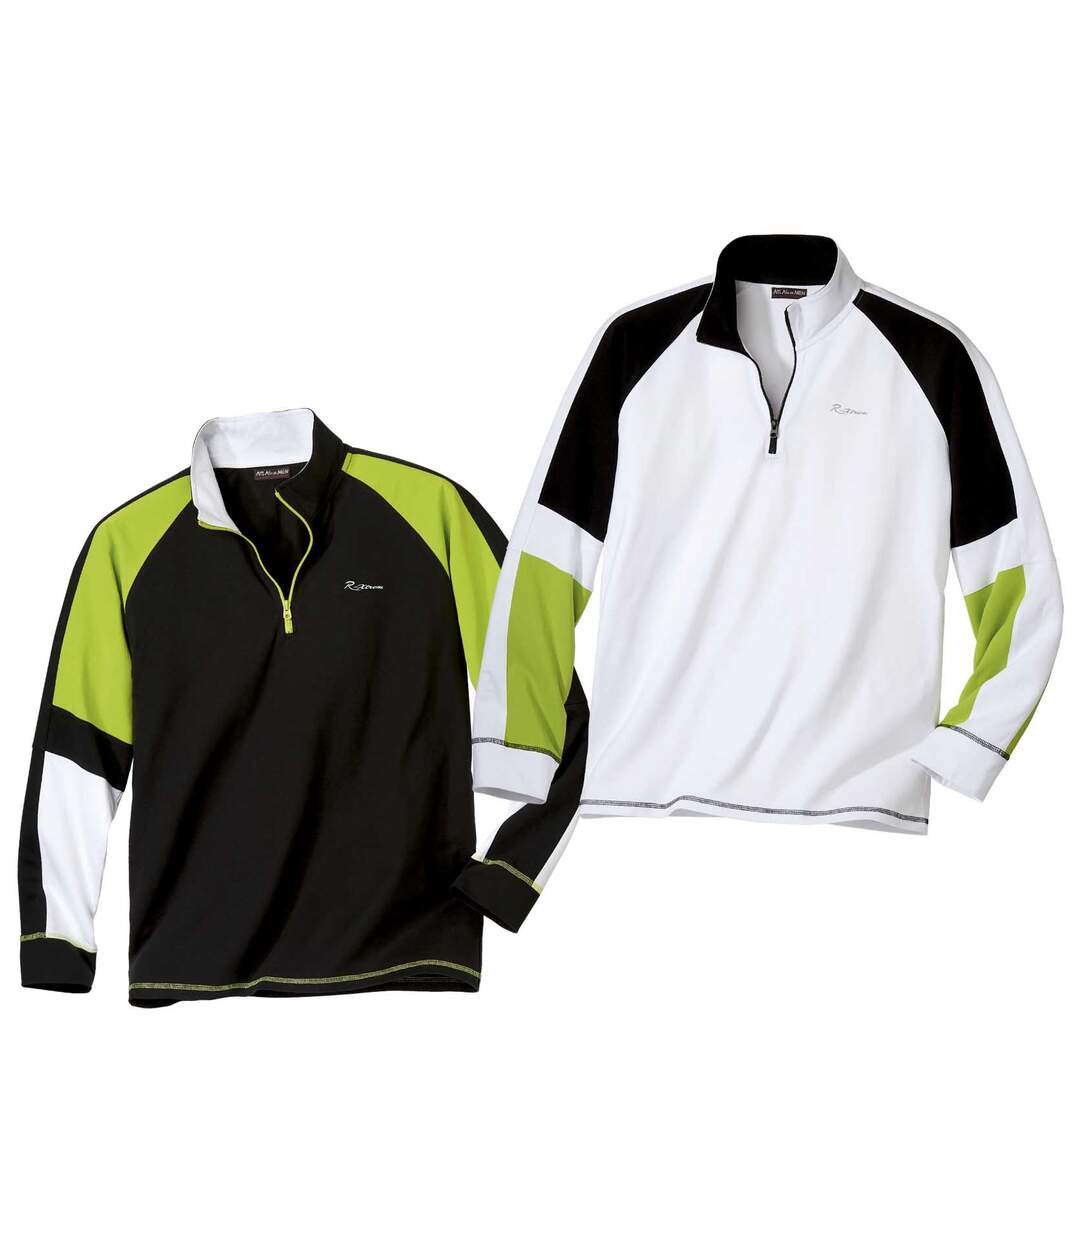 2er-Pack Poloshirts Sport mit RV-Kragen